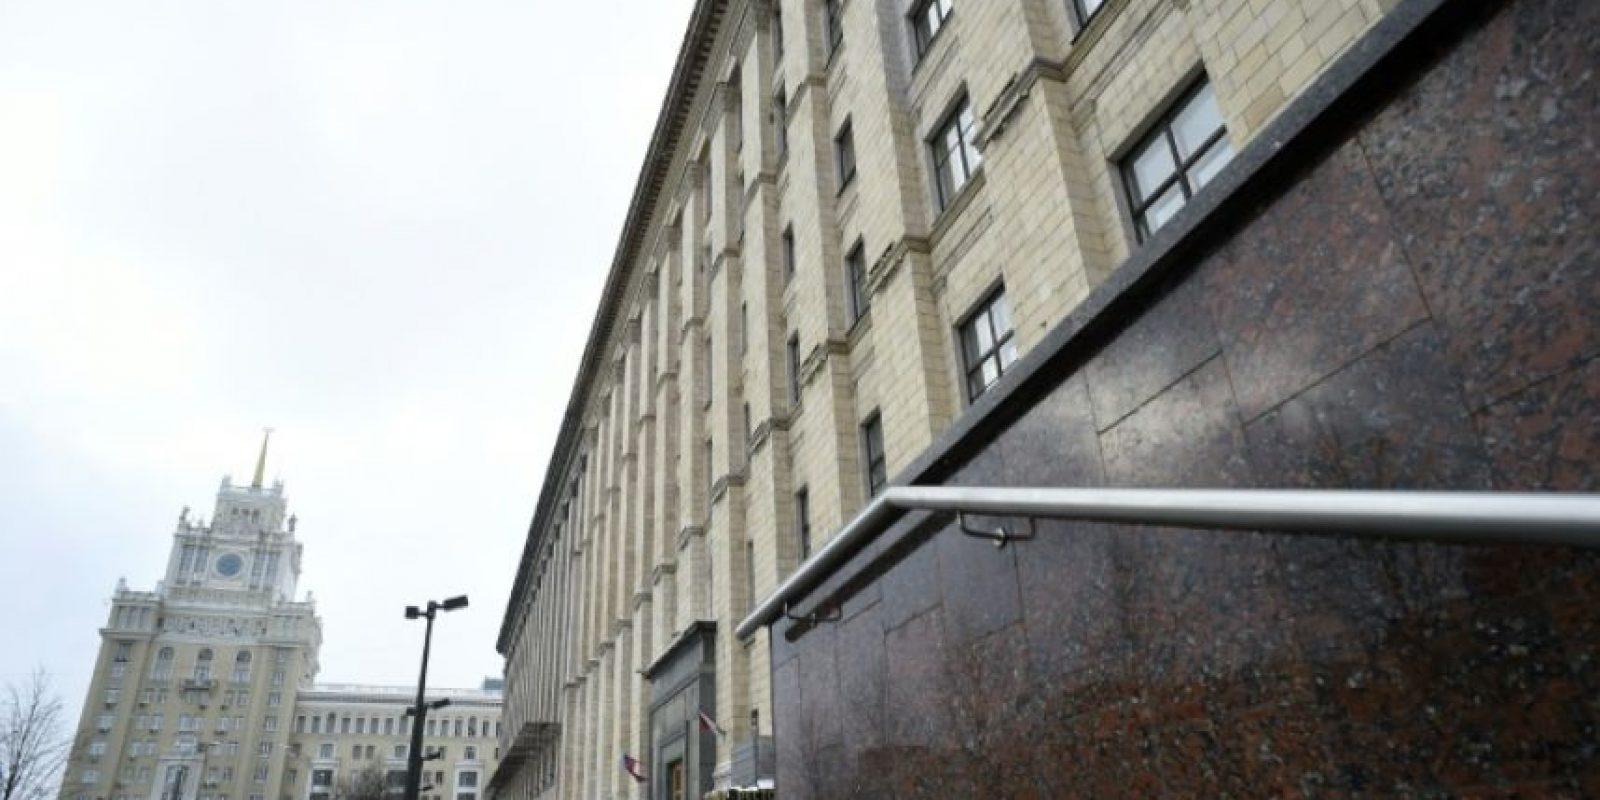 El ministerio de Desarrollo Económico de Rusia, en Moscú, en una imagen del 15 de noviembre de 2016 Foto:Yuri Kadobnov/afp.com